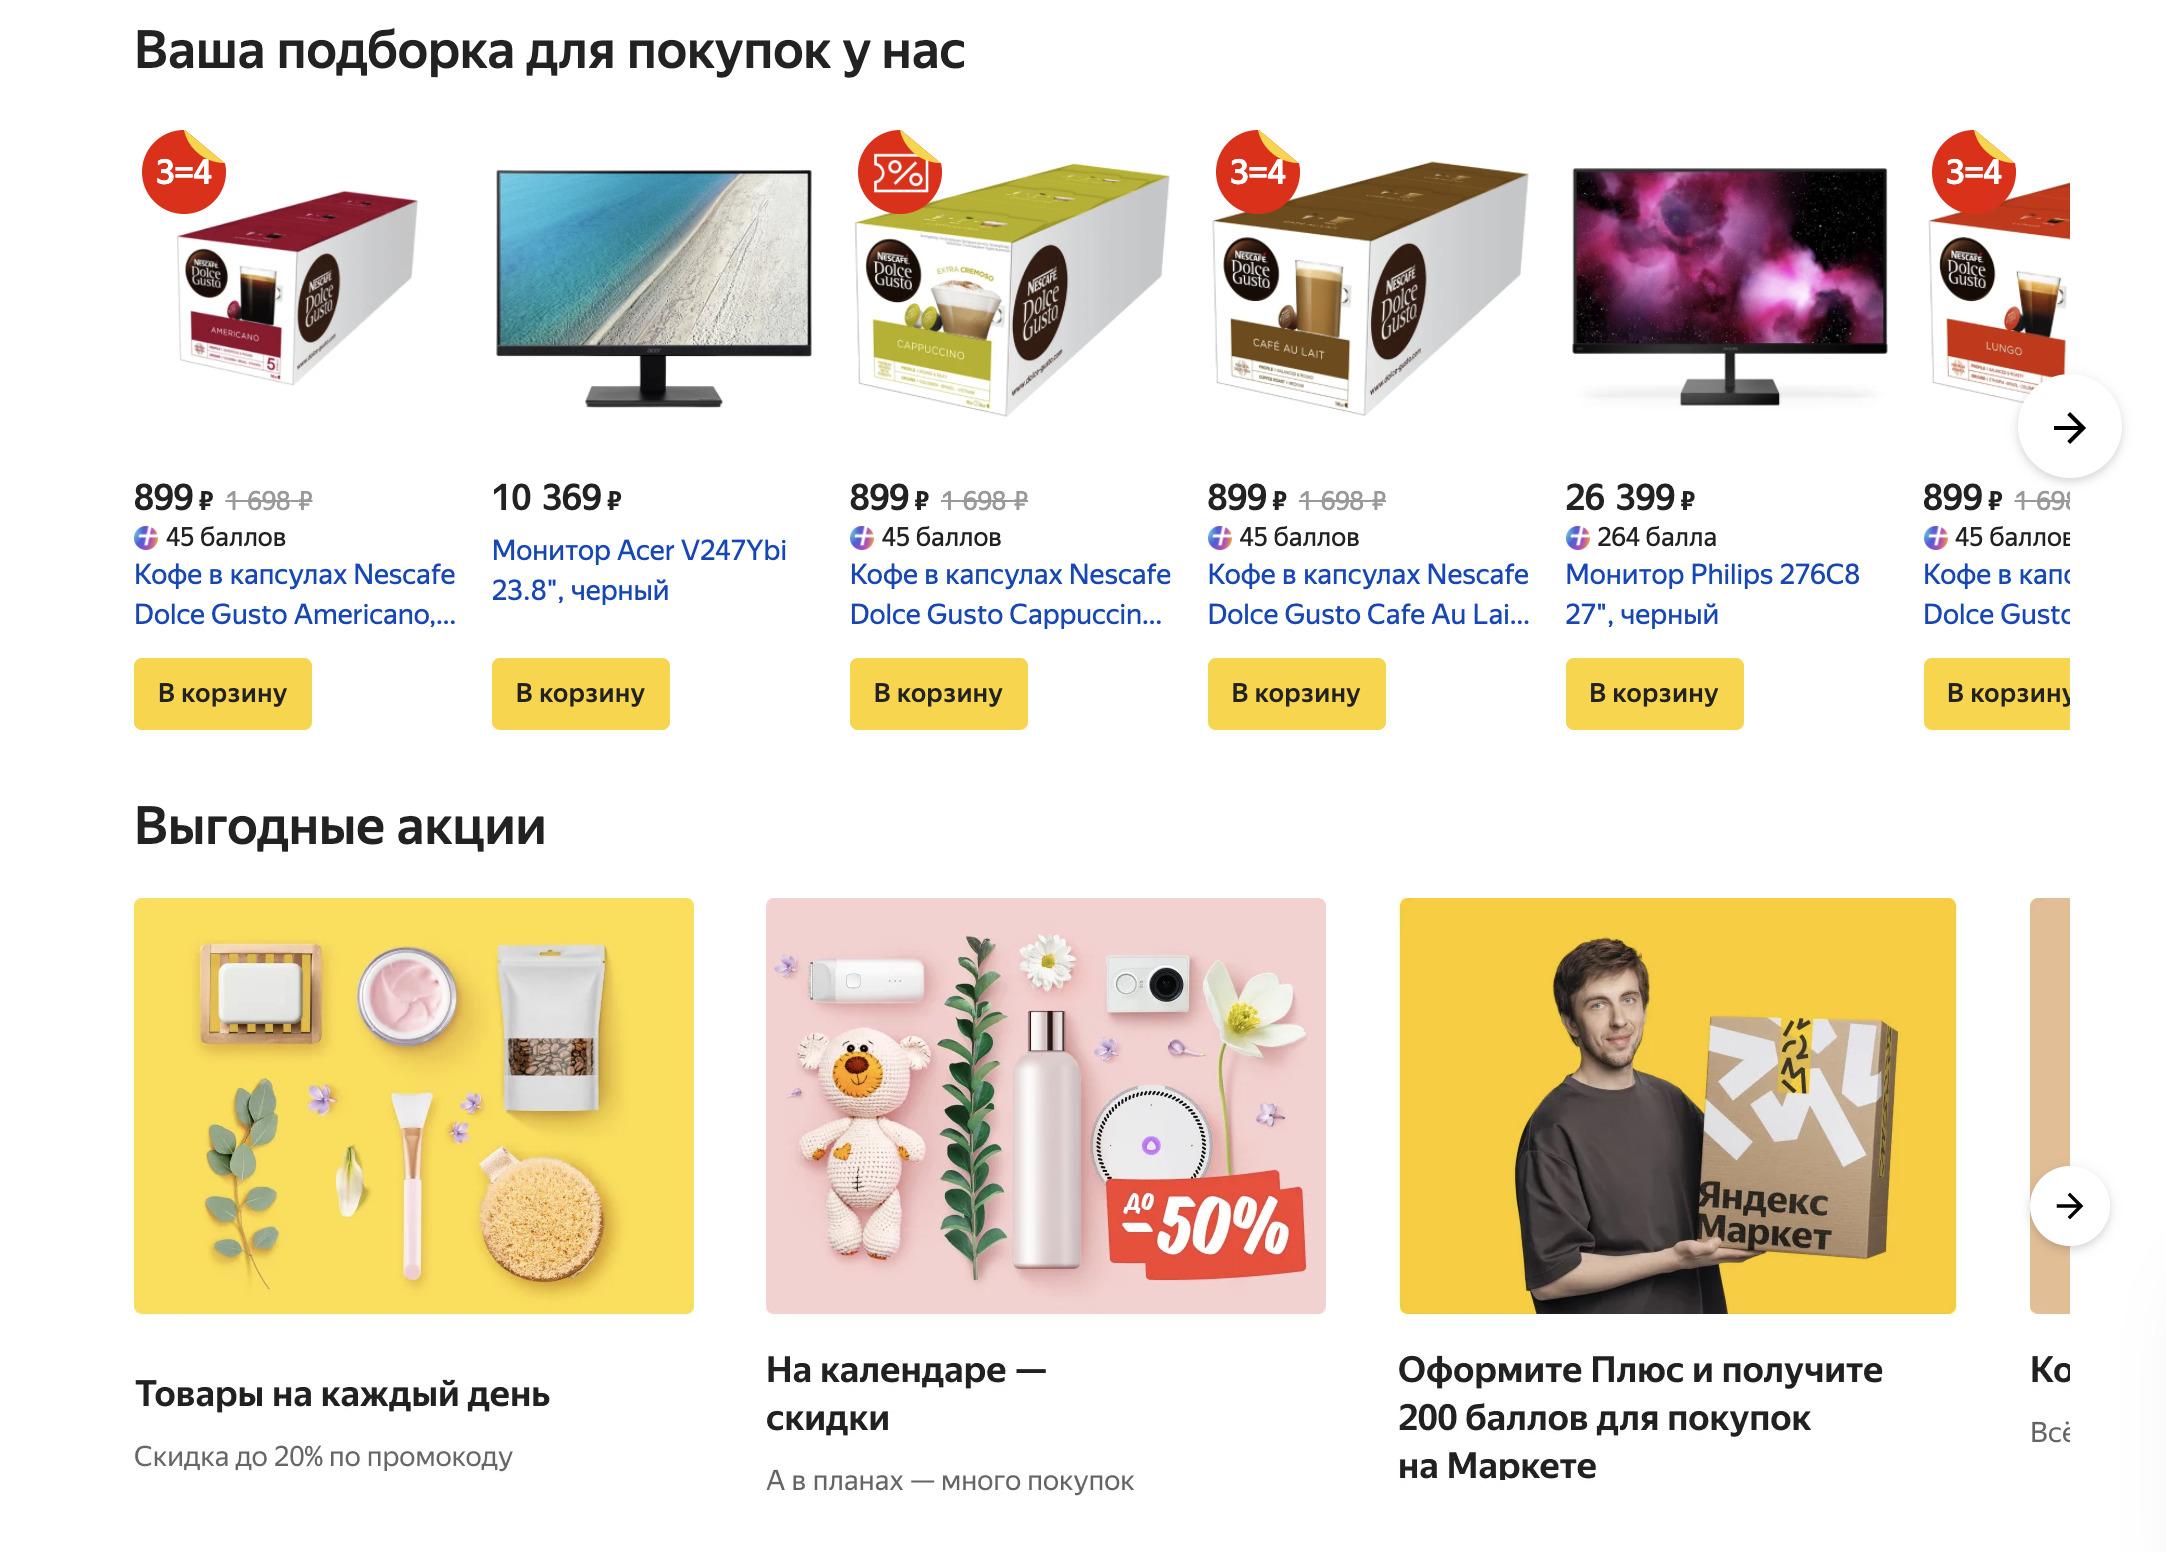 Доставка из Яндекс.Маркет в Всеволожск, сроки, пункты выдачи, каталог